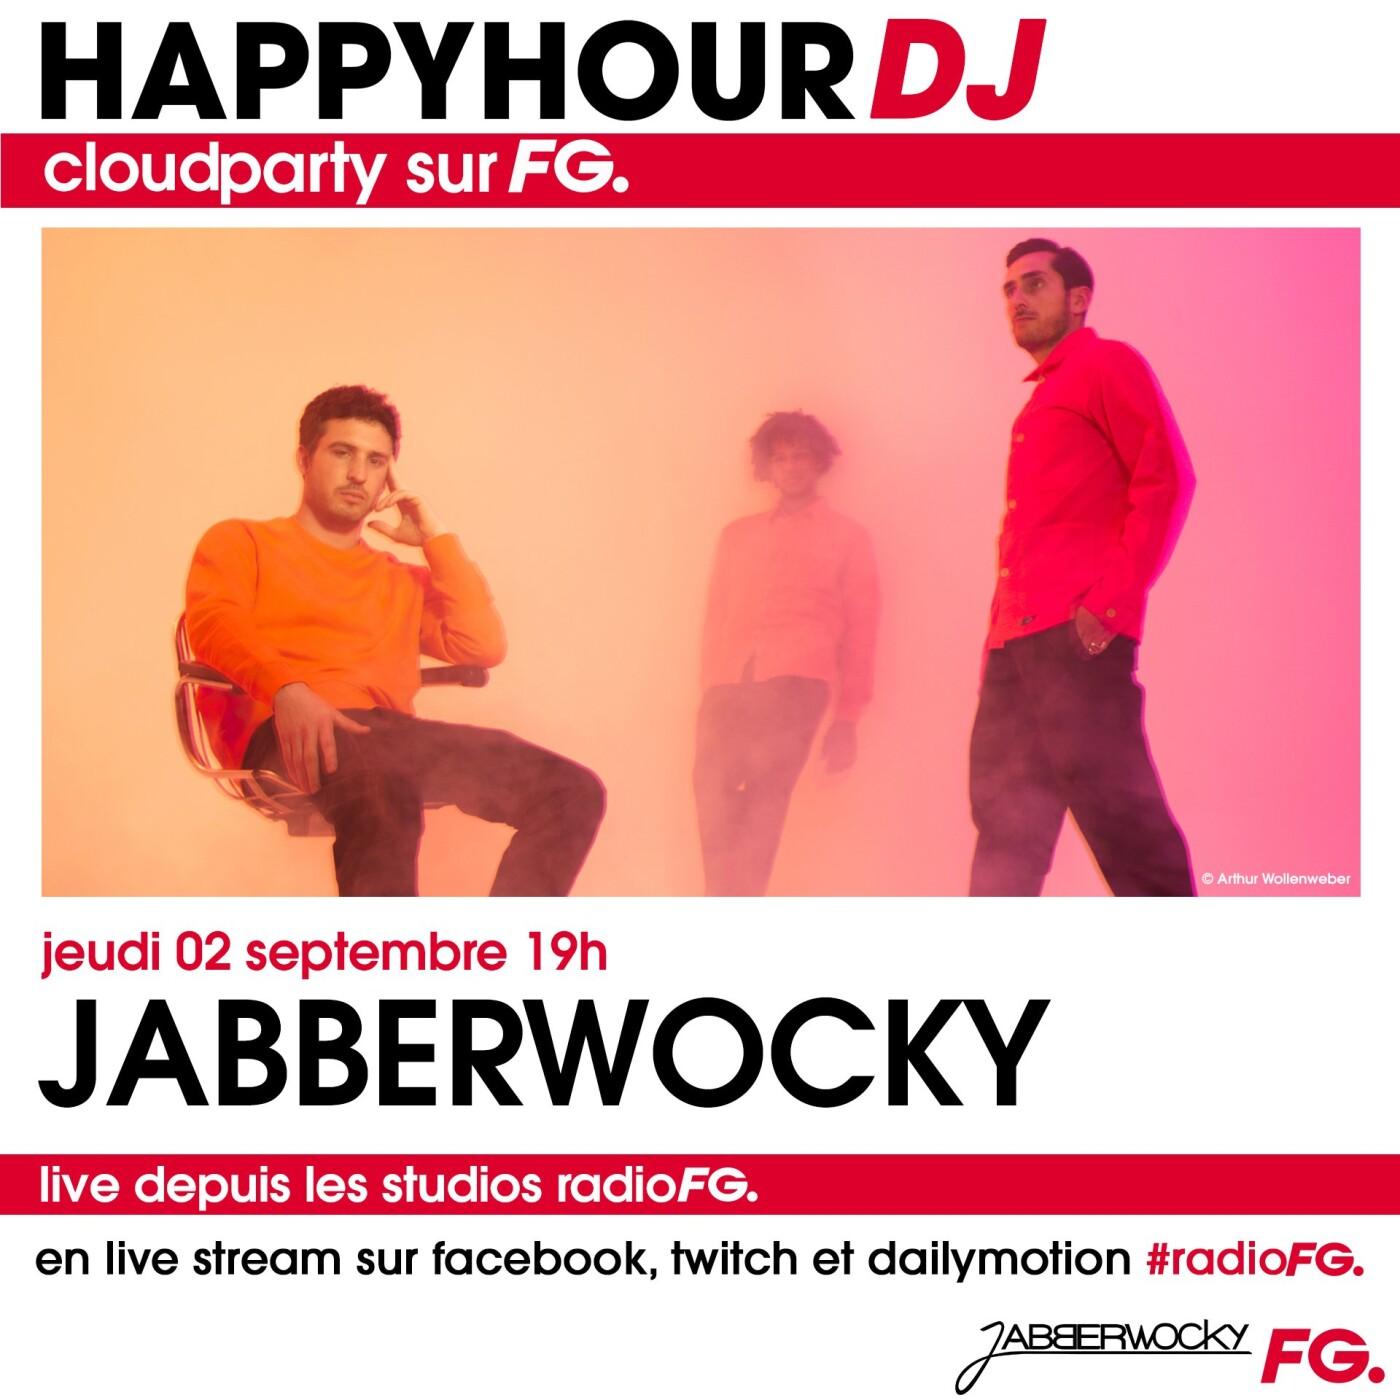 HAPPY HOUR DJ : JABBERWOCKY